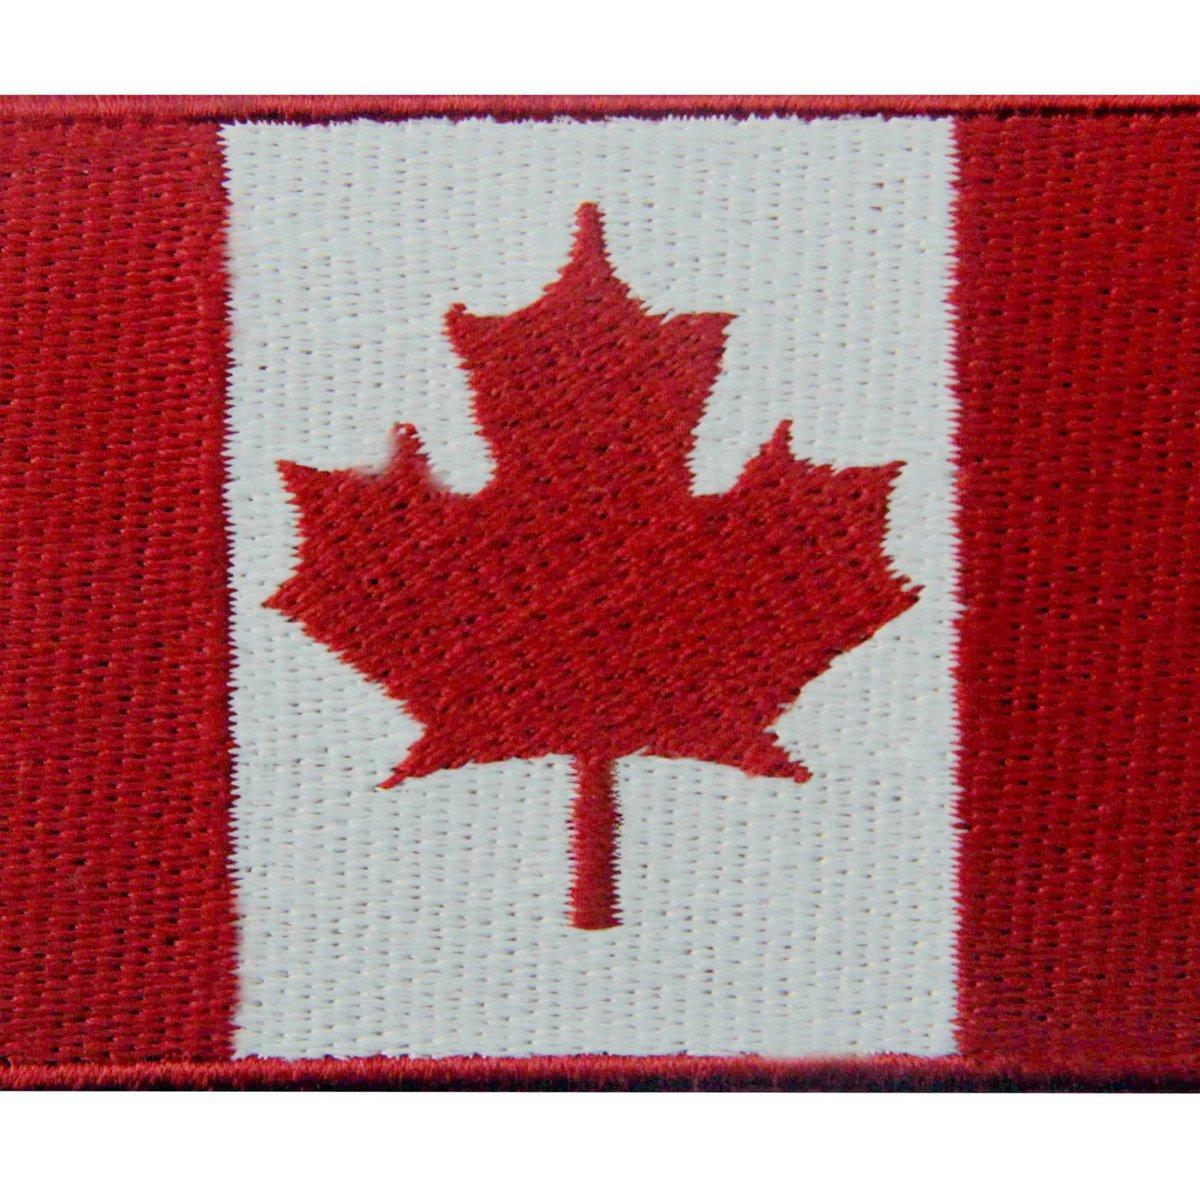 Bandiera del Canada Foglia di acero canadese Emblema Nazionale Termoadesiva Cucibile Ricamata Toppa